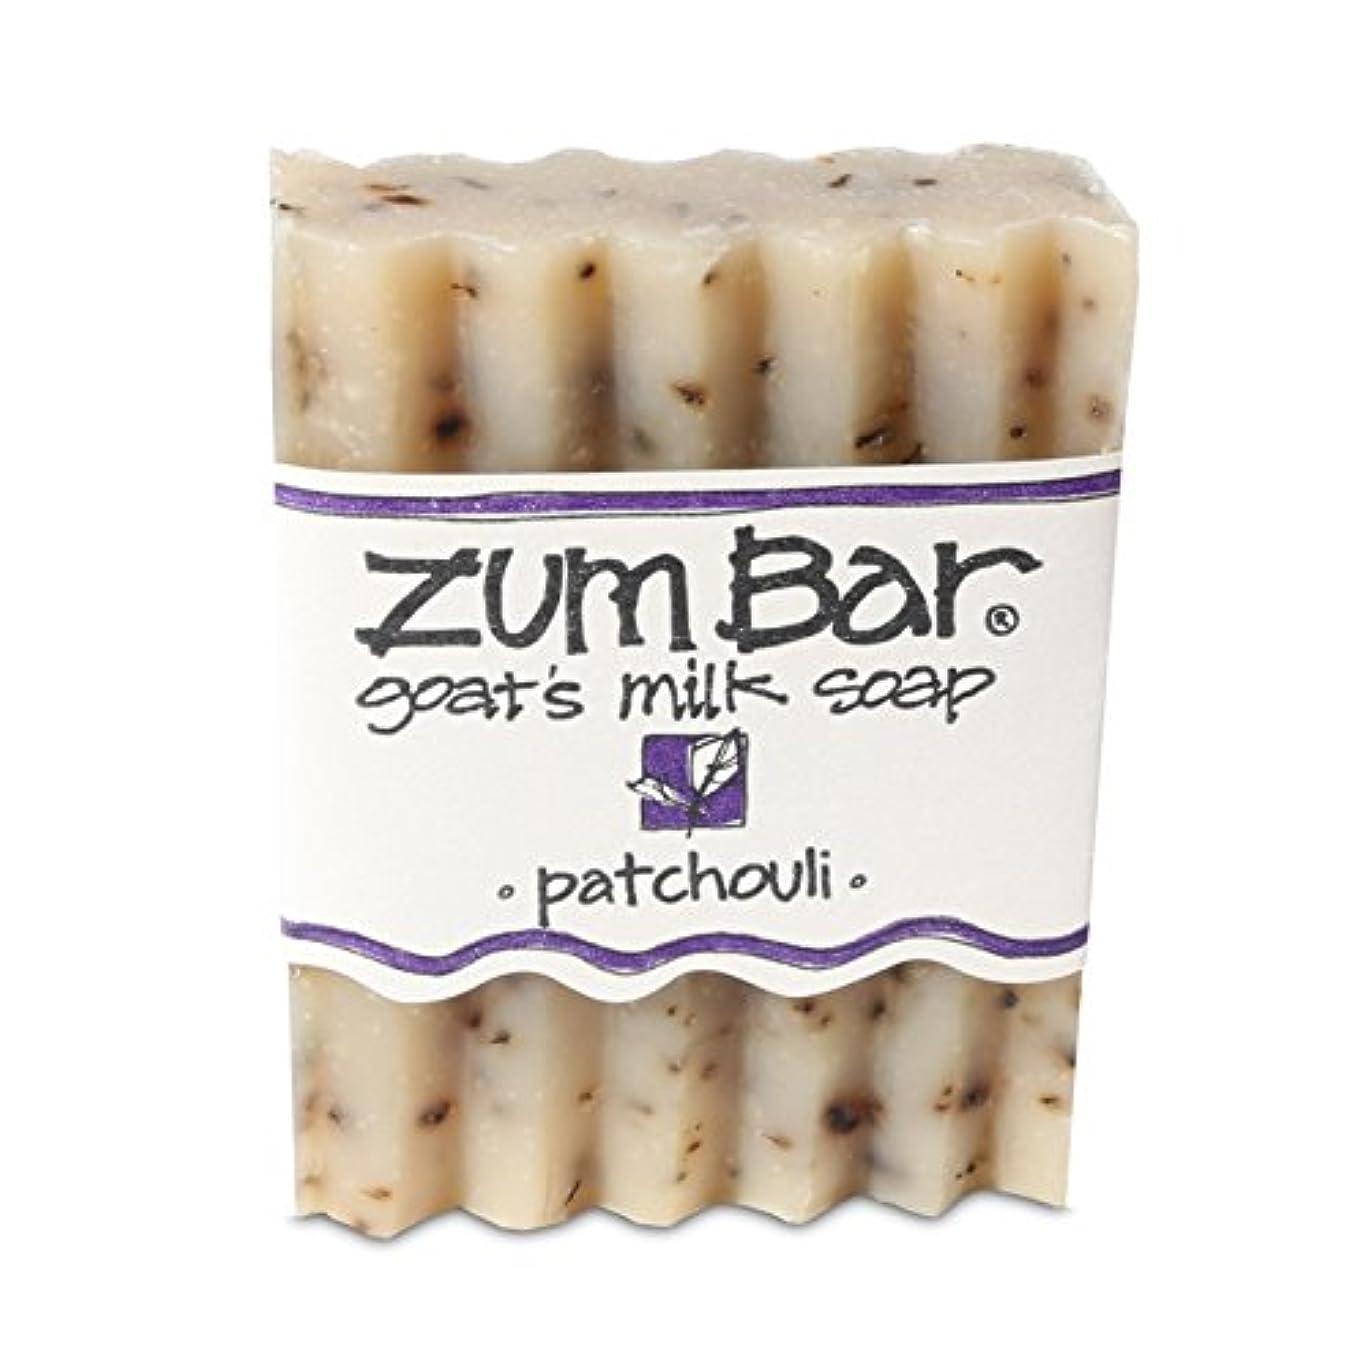 してはいけませんサンダー優越海外直送品 Indigo Wild, Zum Bar, Goat's ミルク ソープ パチョリ, 3 Ounces (2個セット) (Patchouli) [並行輸入品]